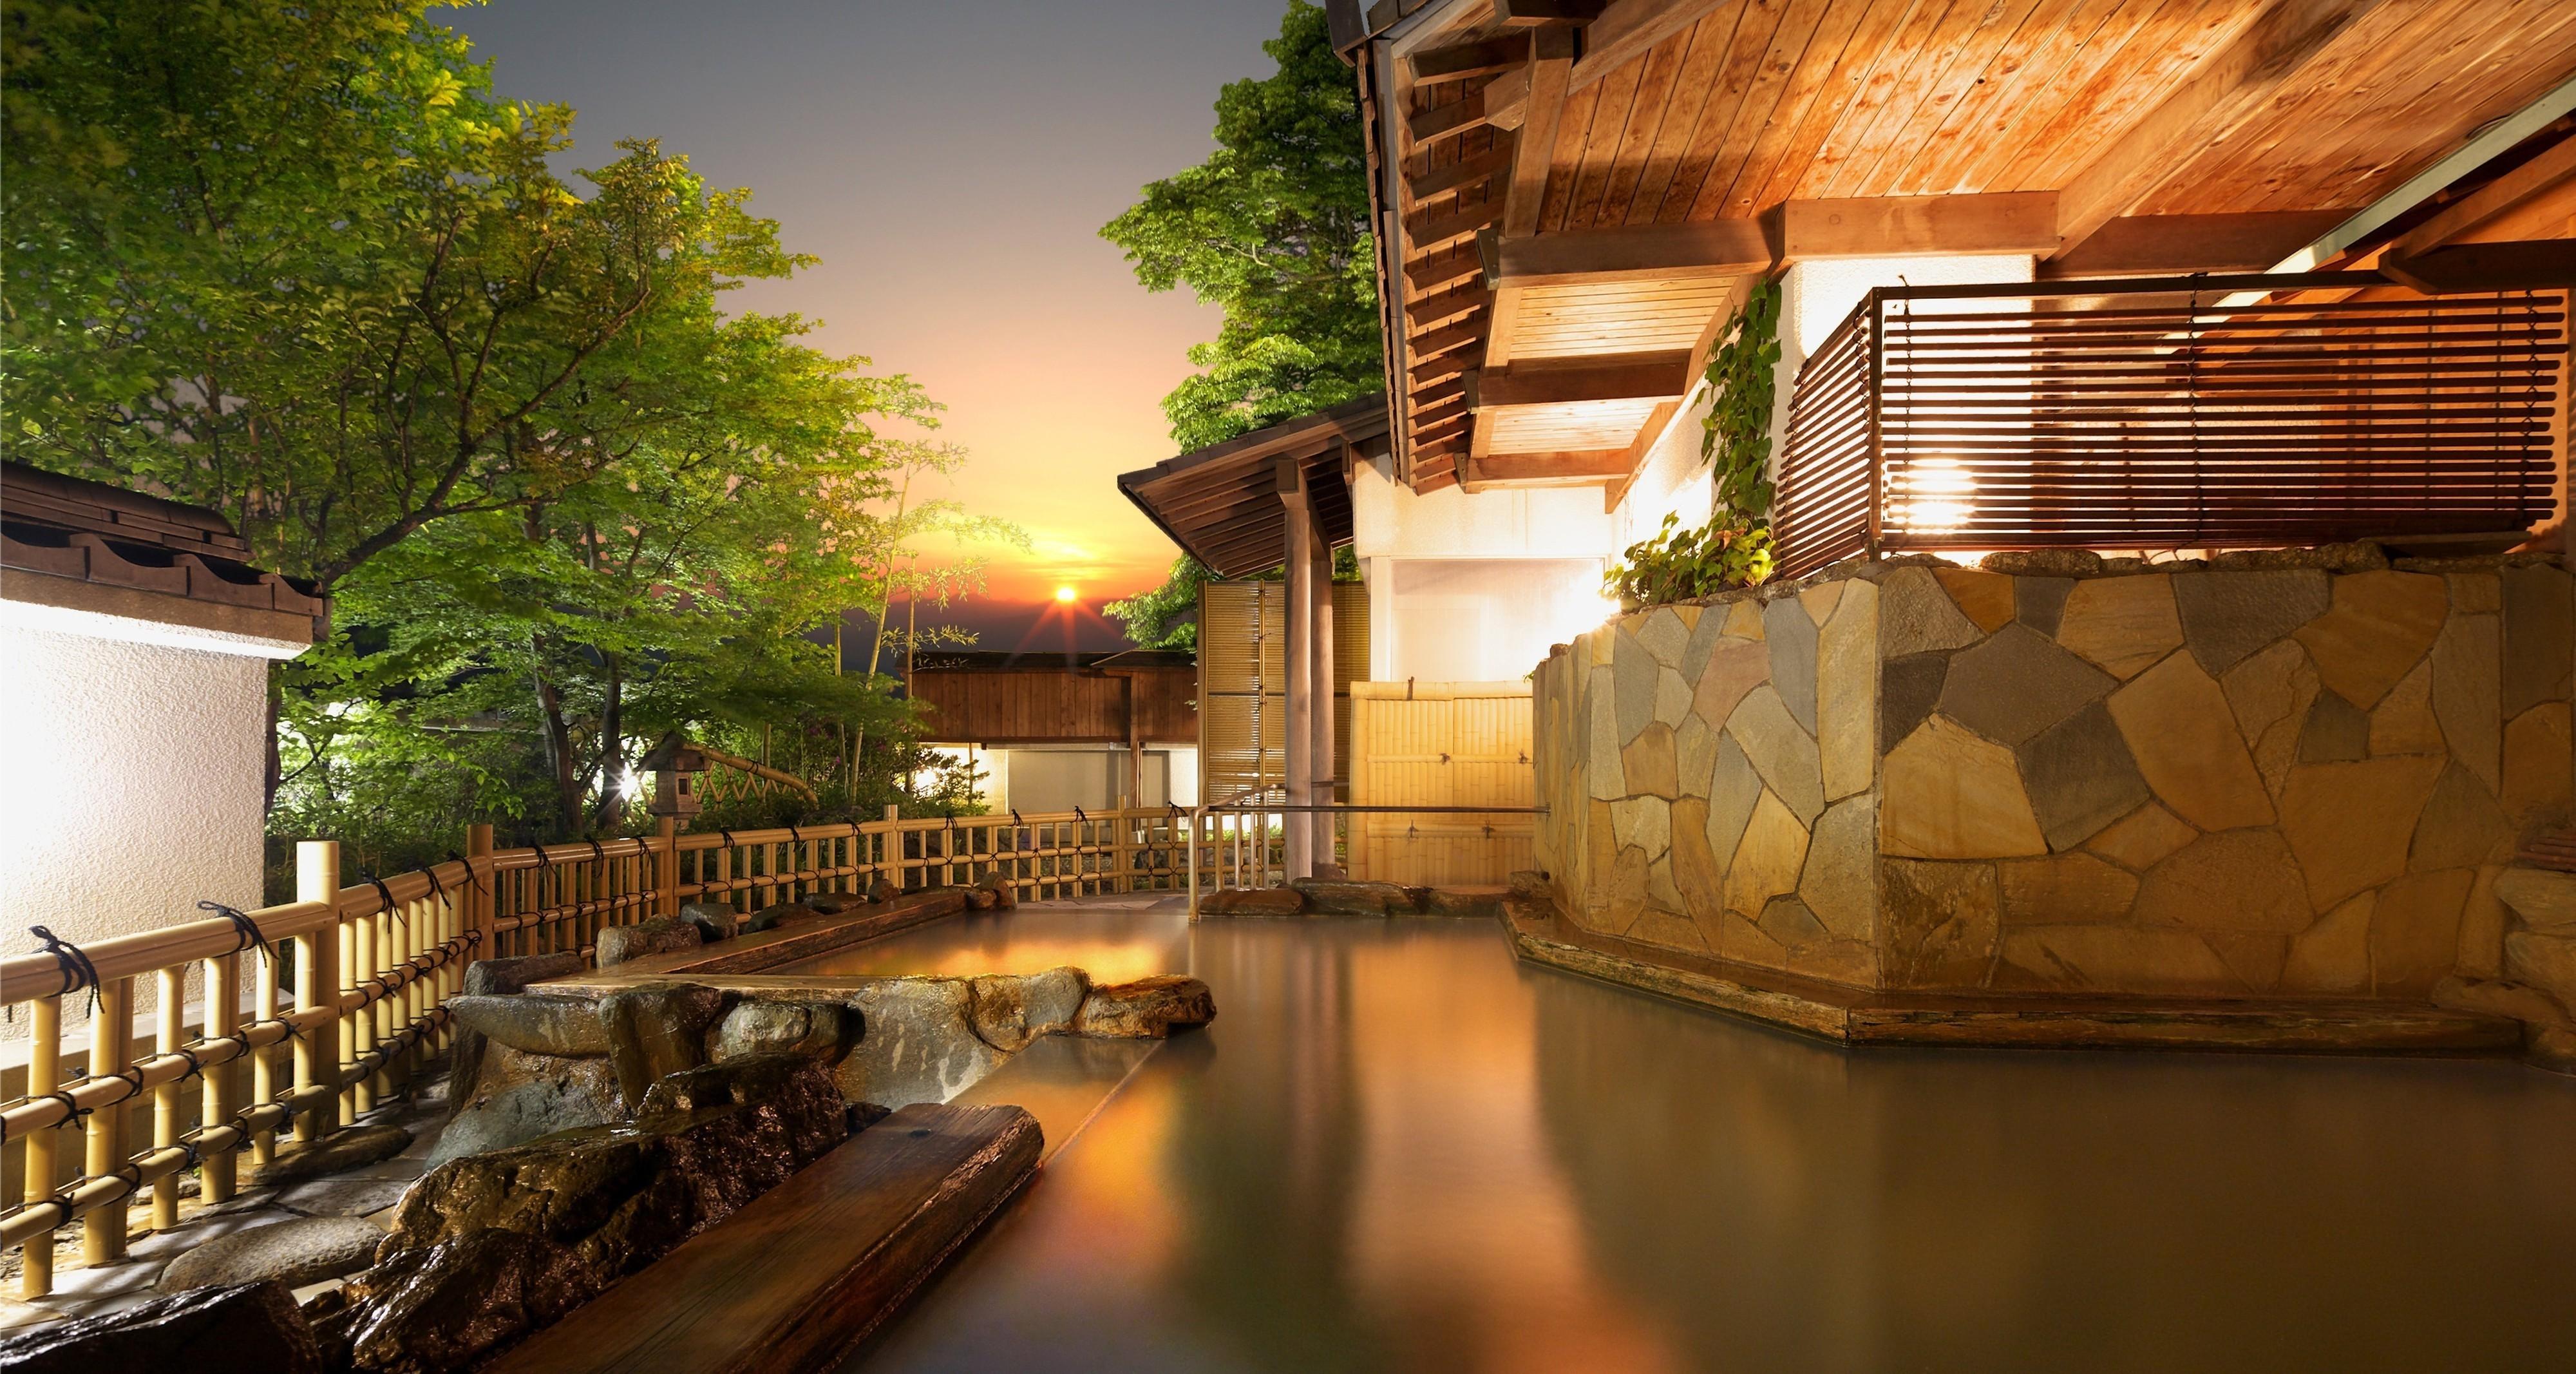 【公式】雨情の湯 森秋旅館